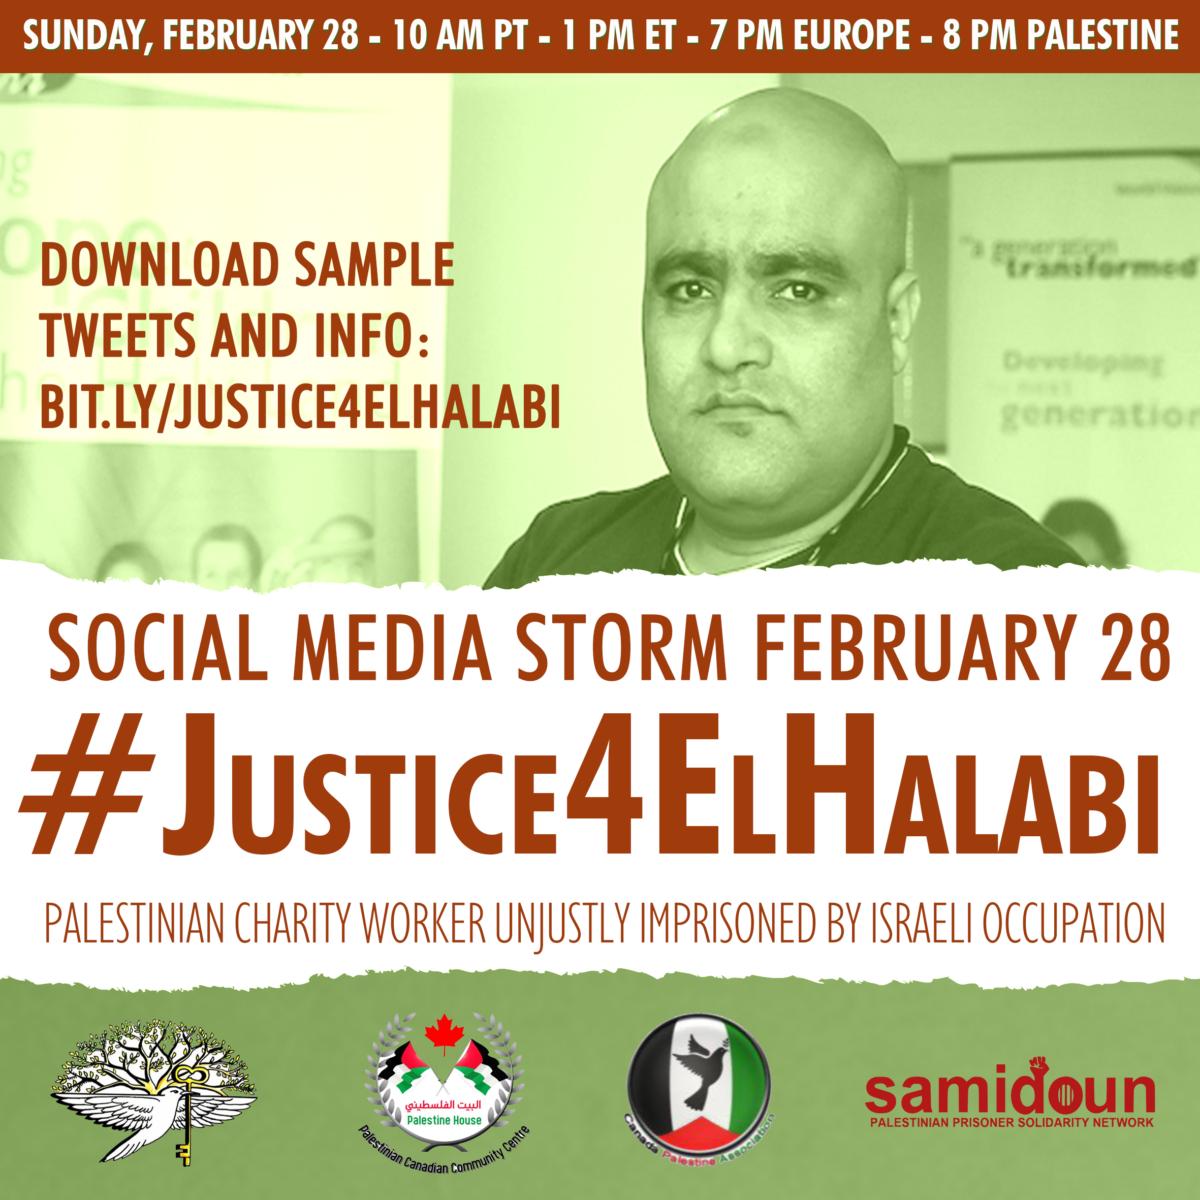 Free Mohammed El-Halabi!